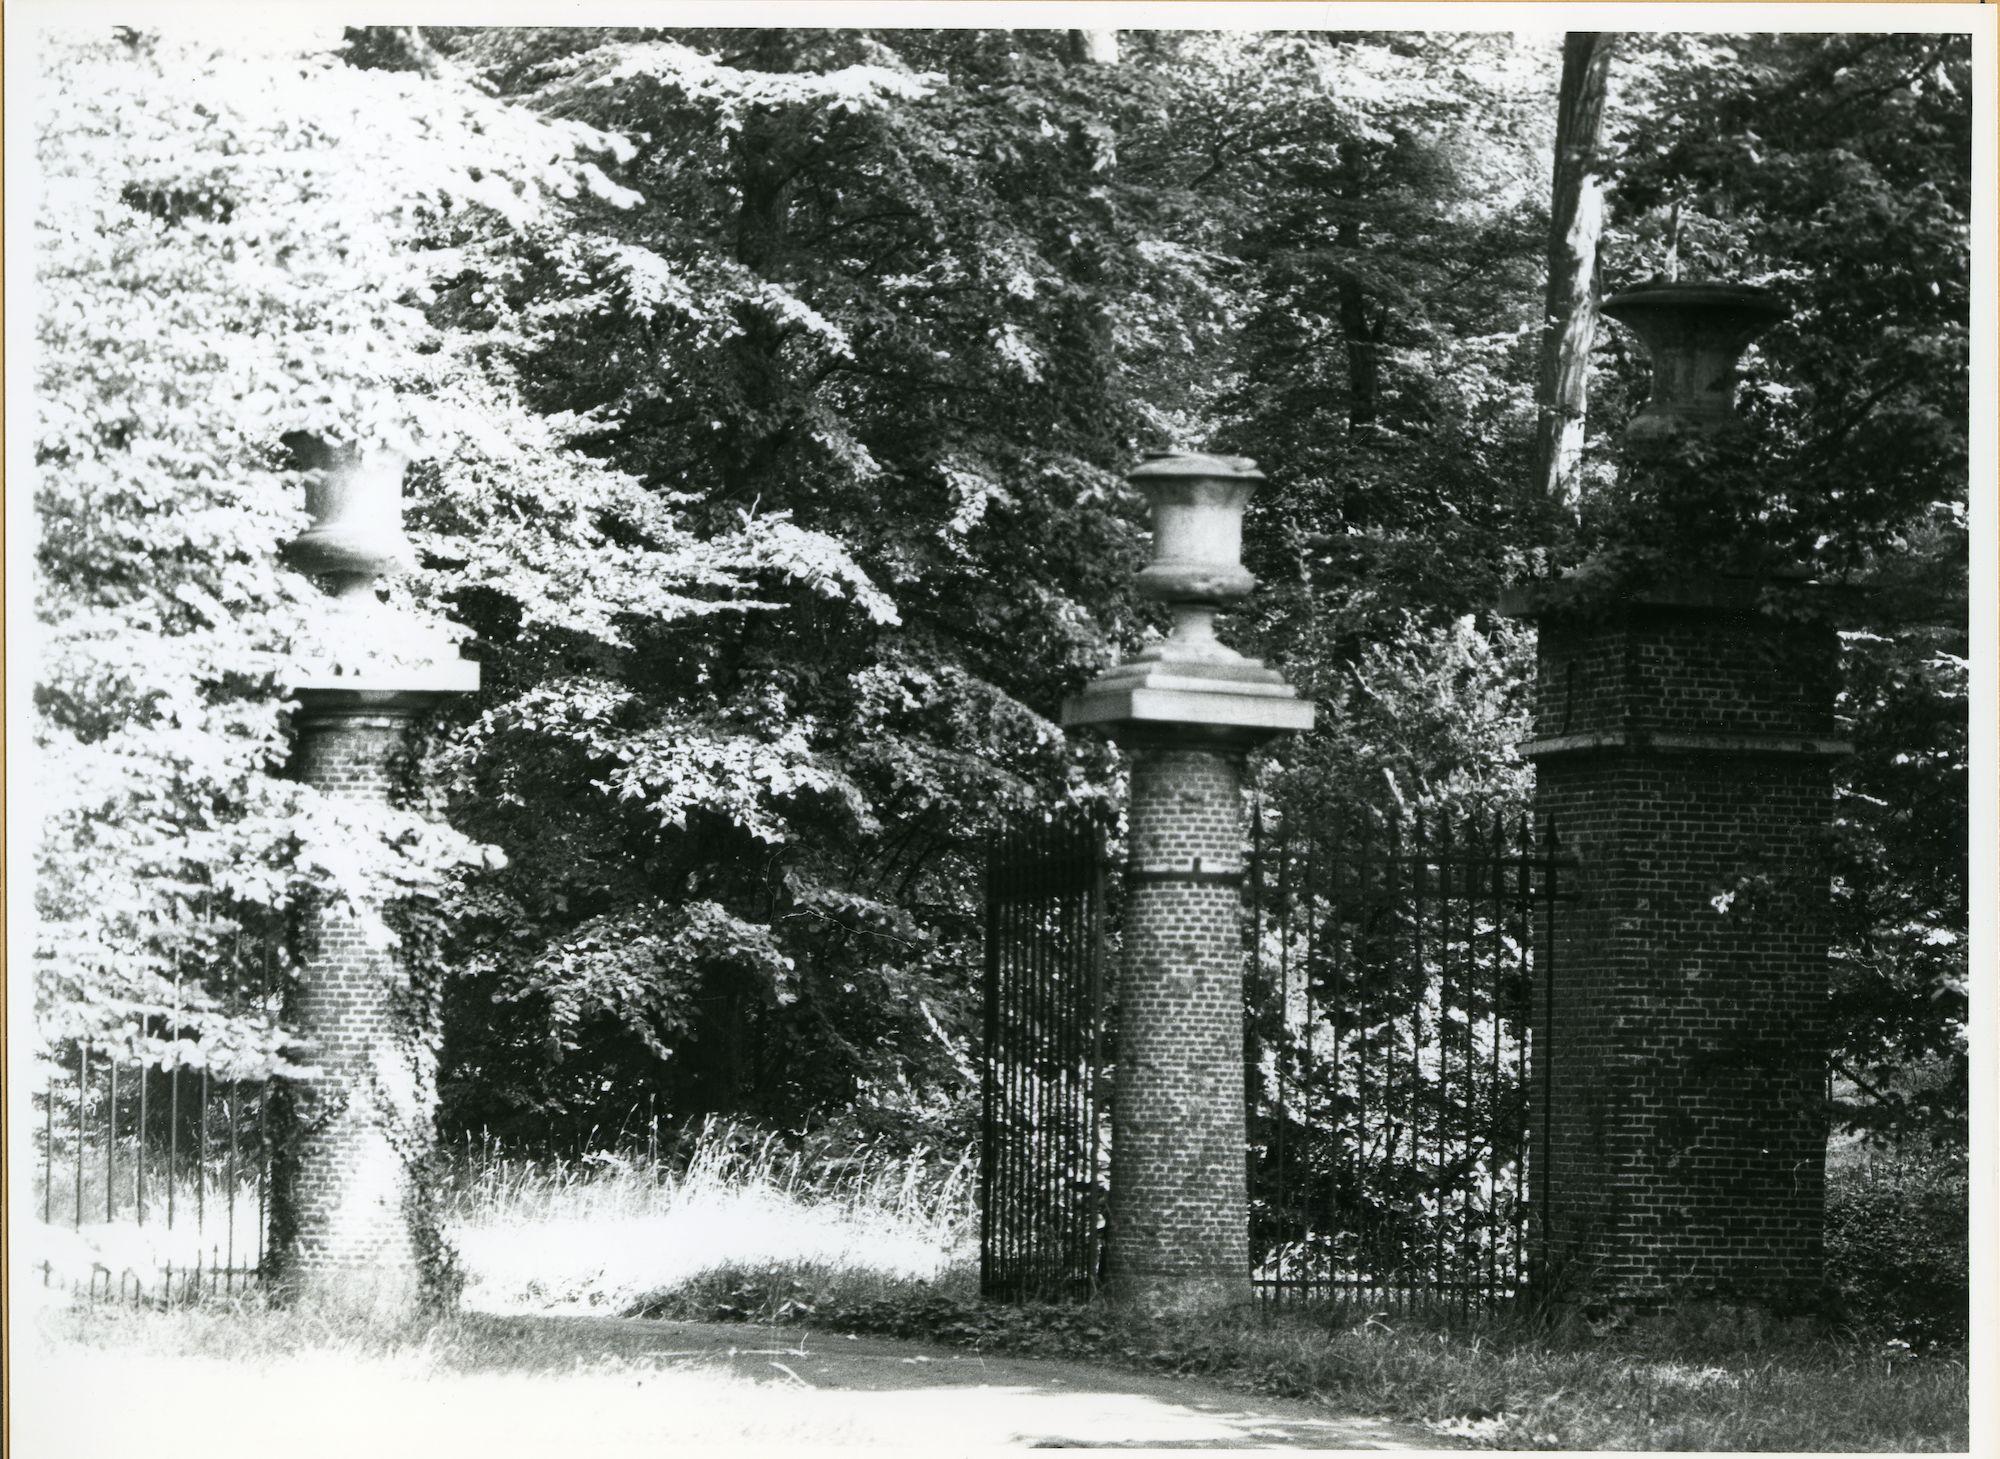 Mariakerke: Durmstraat 6: Hek, 1979